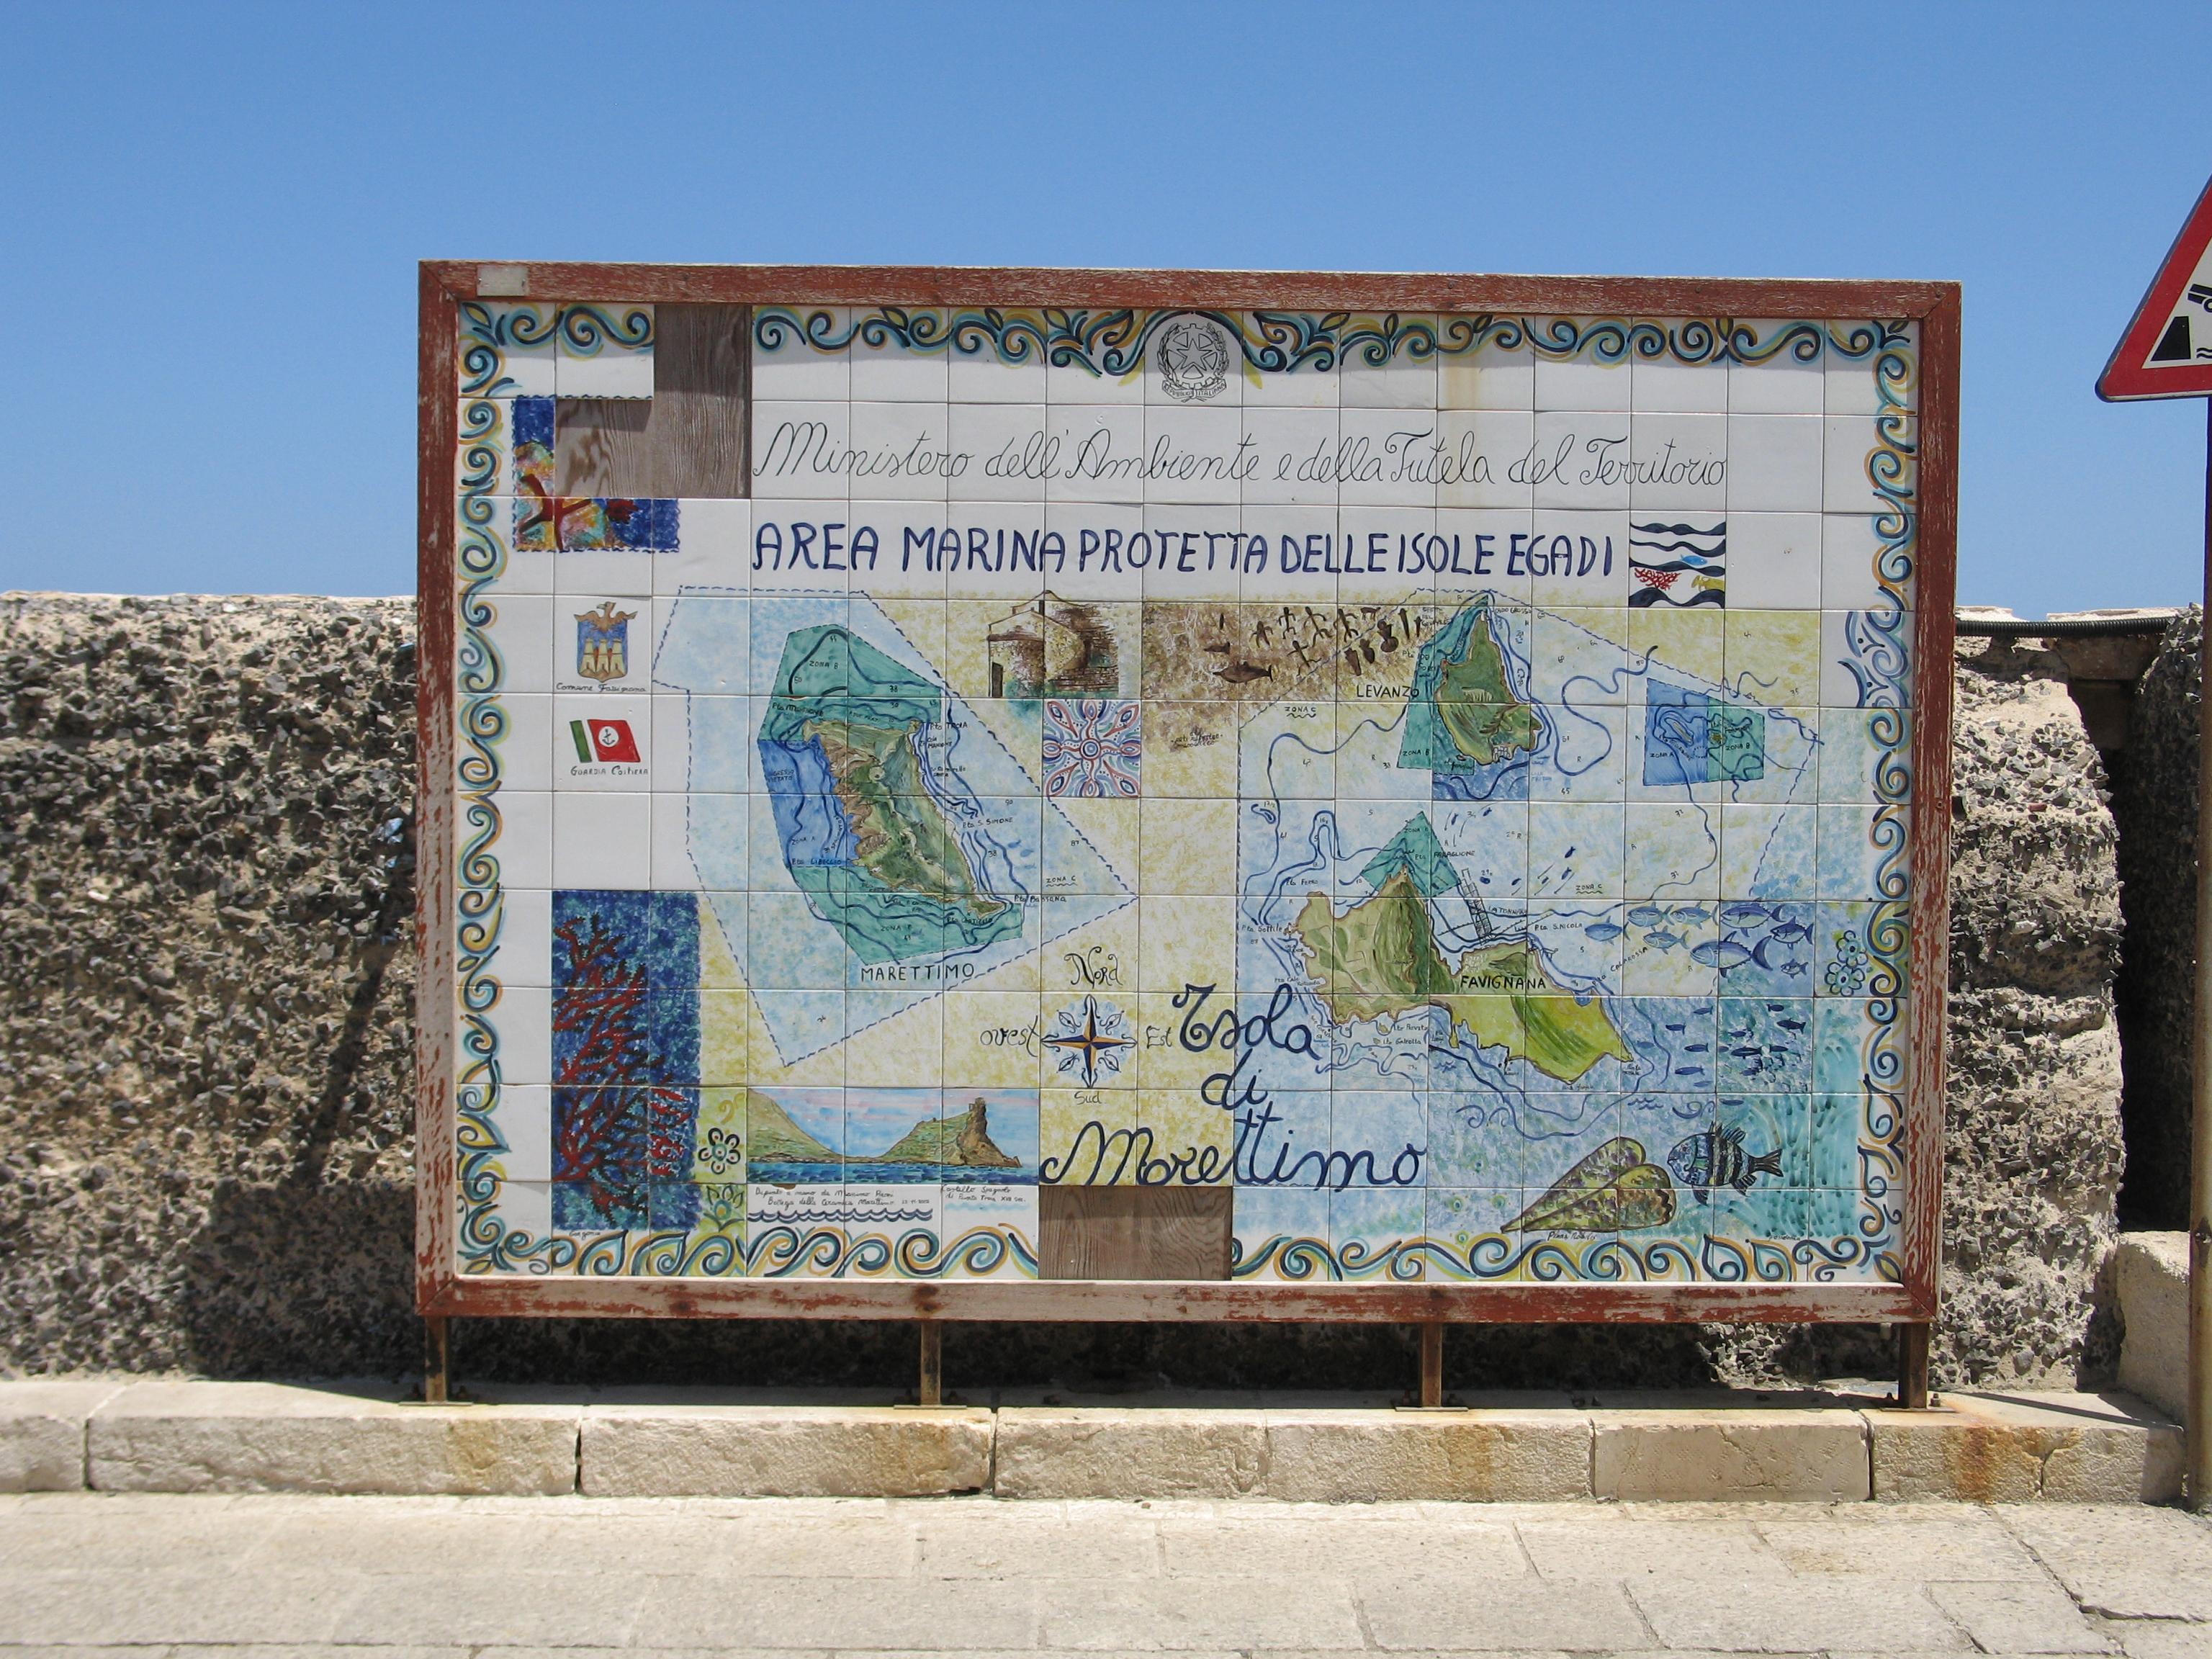 Arcipelago delle isole Egadi